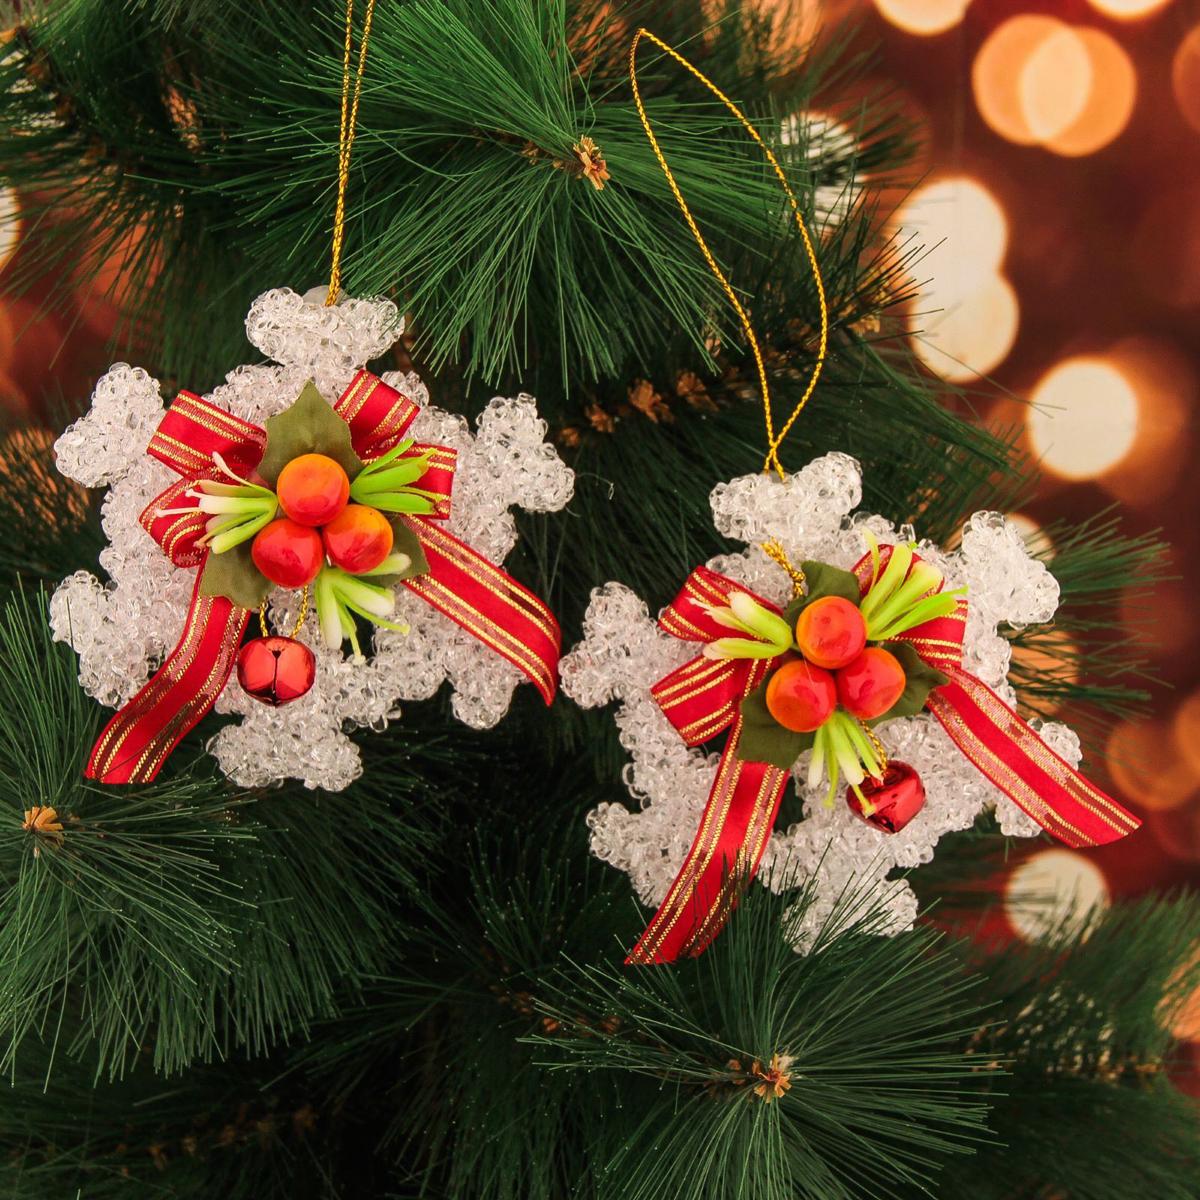 Набор новогодних подвесных украшений Снежинка с ягодками, 9,5 х 9,5 см, 2 шт2371318Набор новогодних подвесных украшений отлично подойдет для декорации вашего дома и новогодней ели. С помощью специальной петельки украшение можно повесить в любом понравившемся вам месте. Но, конечно, удачнее всего оно будет смотреться на праздничной елке.Елочная игрушка - символ Нового года. Она несет в себе волшебство и красоту праздника. Такое украшение создаст в вашем доме атмосферу праздника, веселья и радости.